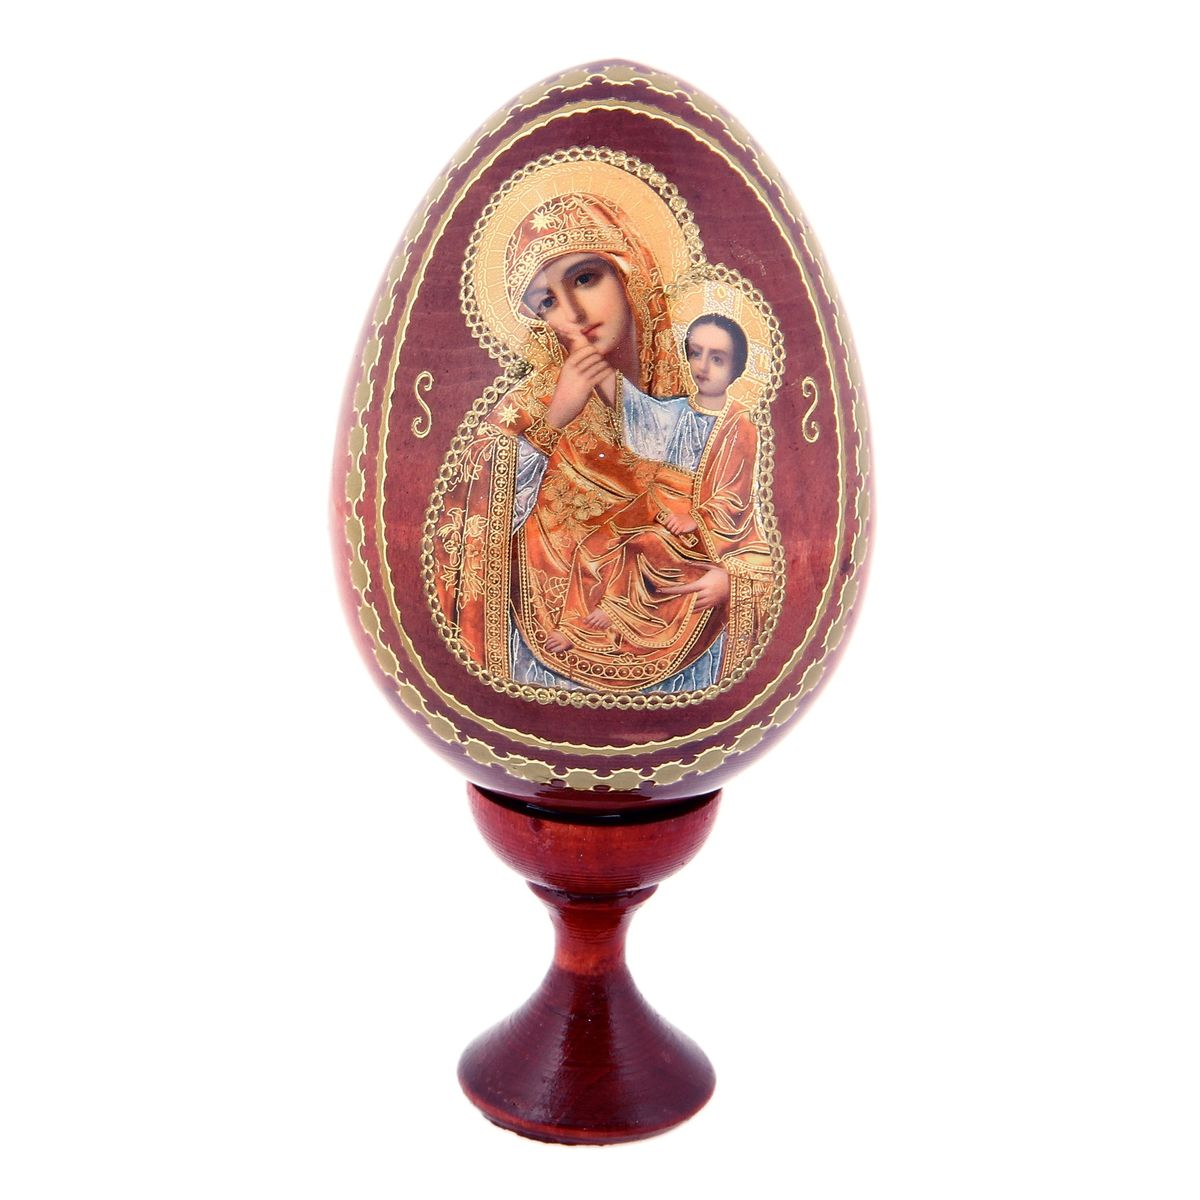 Яйцо декоративное Sima-land Отрада и утешение, на подставке, высота 13 см яйцо шкатулка sima land гжель высота 15 см